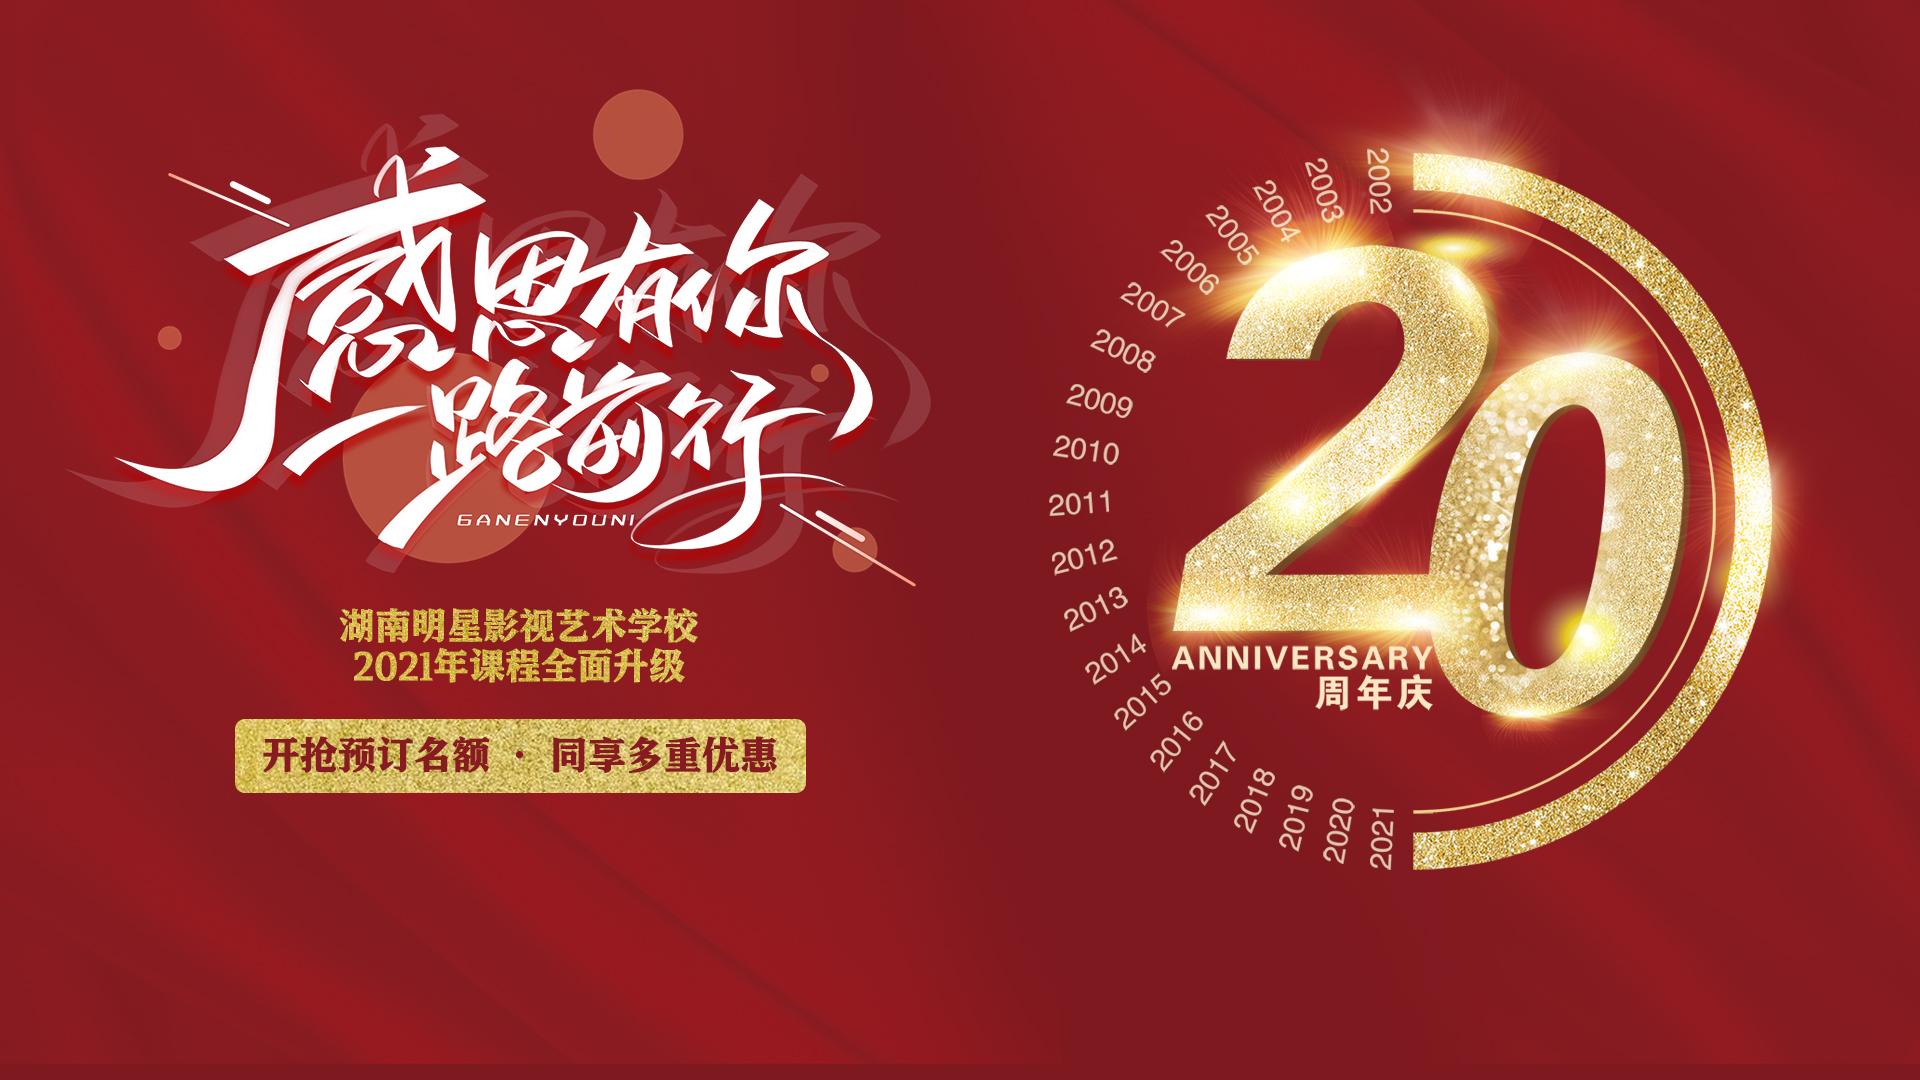 化妆学校20周年庆活动